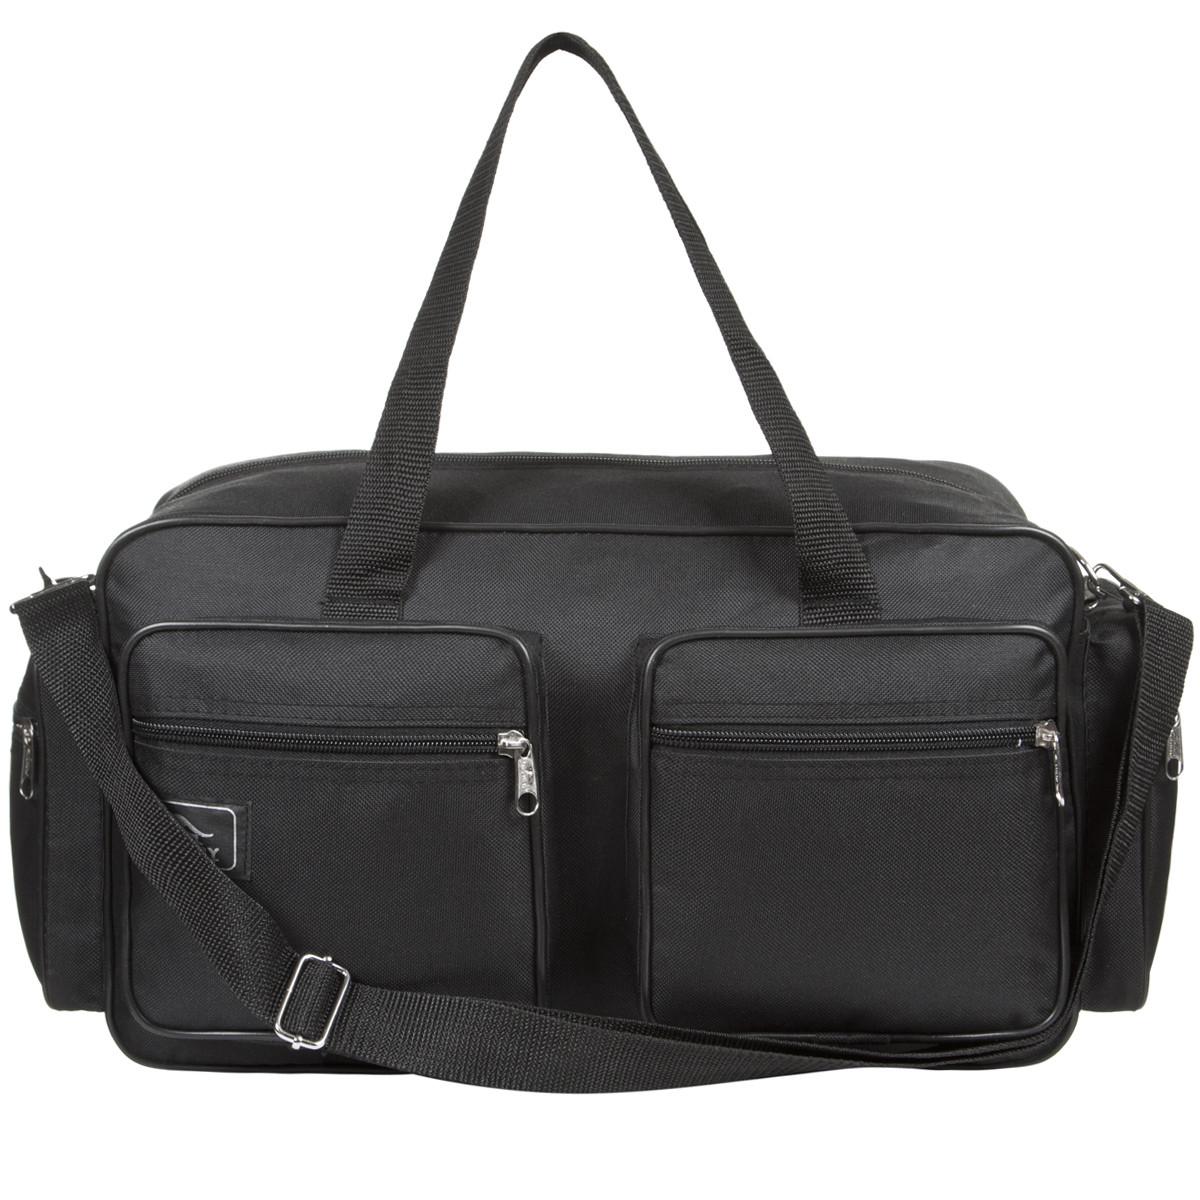 Мужская сумка для инструментов Wallaby 44х24х16 ткань полиэстер в 2760